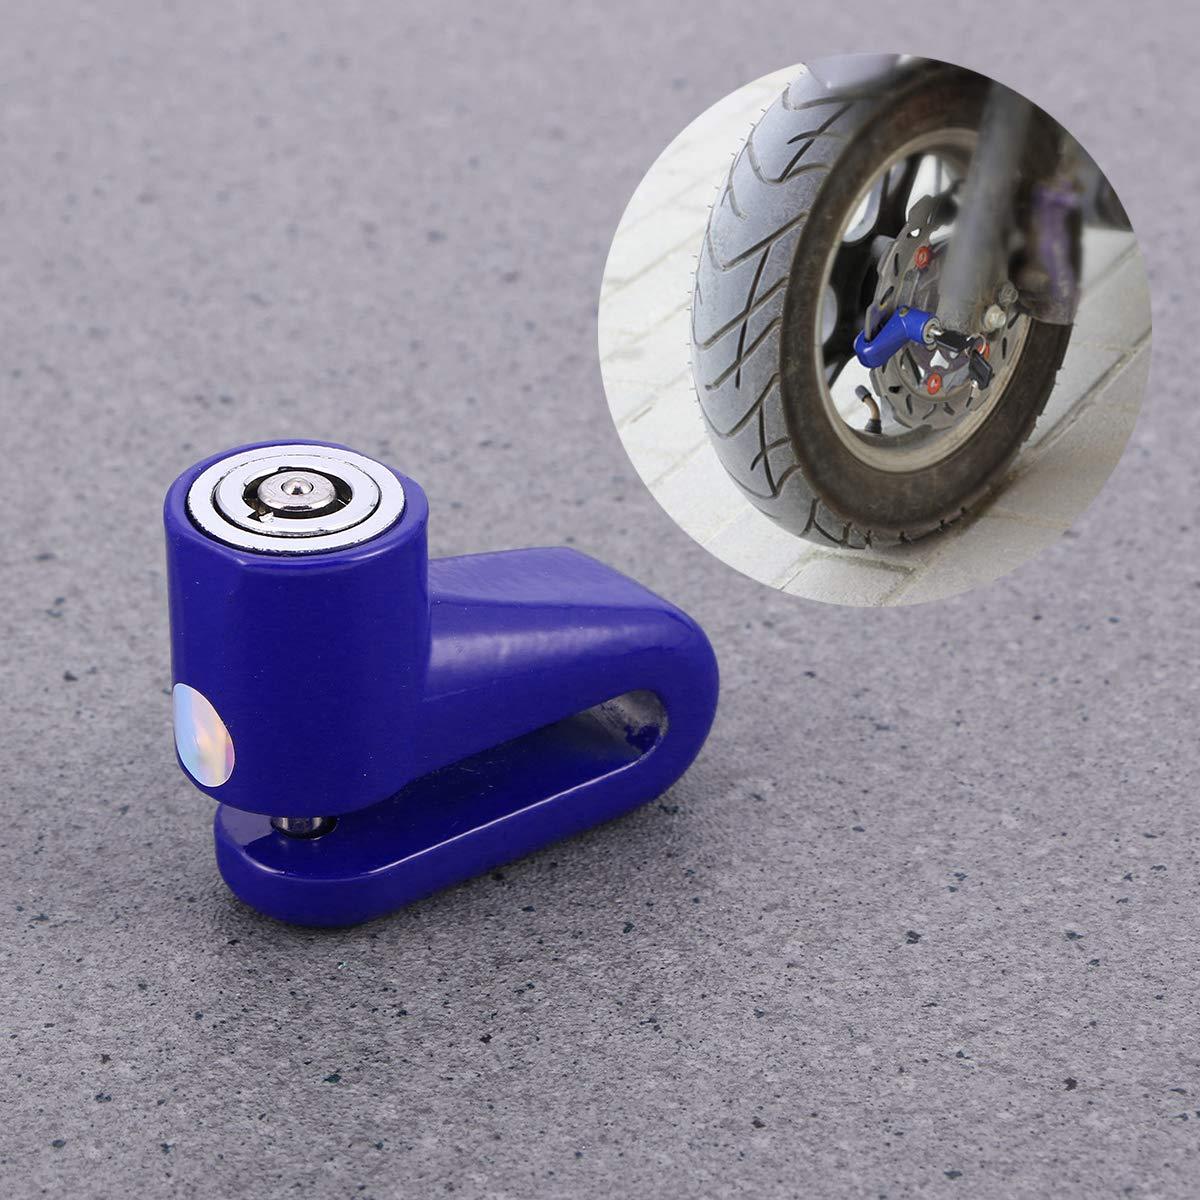 Blu LIOOBO Alta Sicurezza Moto Blocco antifurto Bici Bicicletta Moto Freno a Disco Protezione furto per Scooter Moto